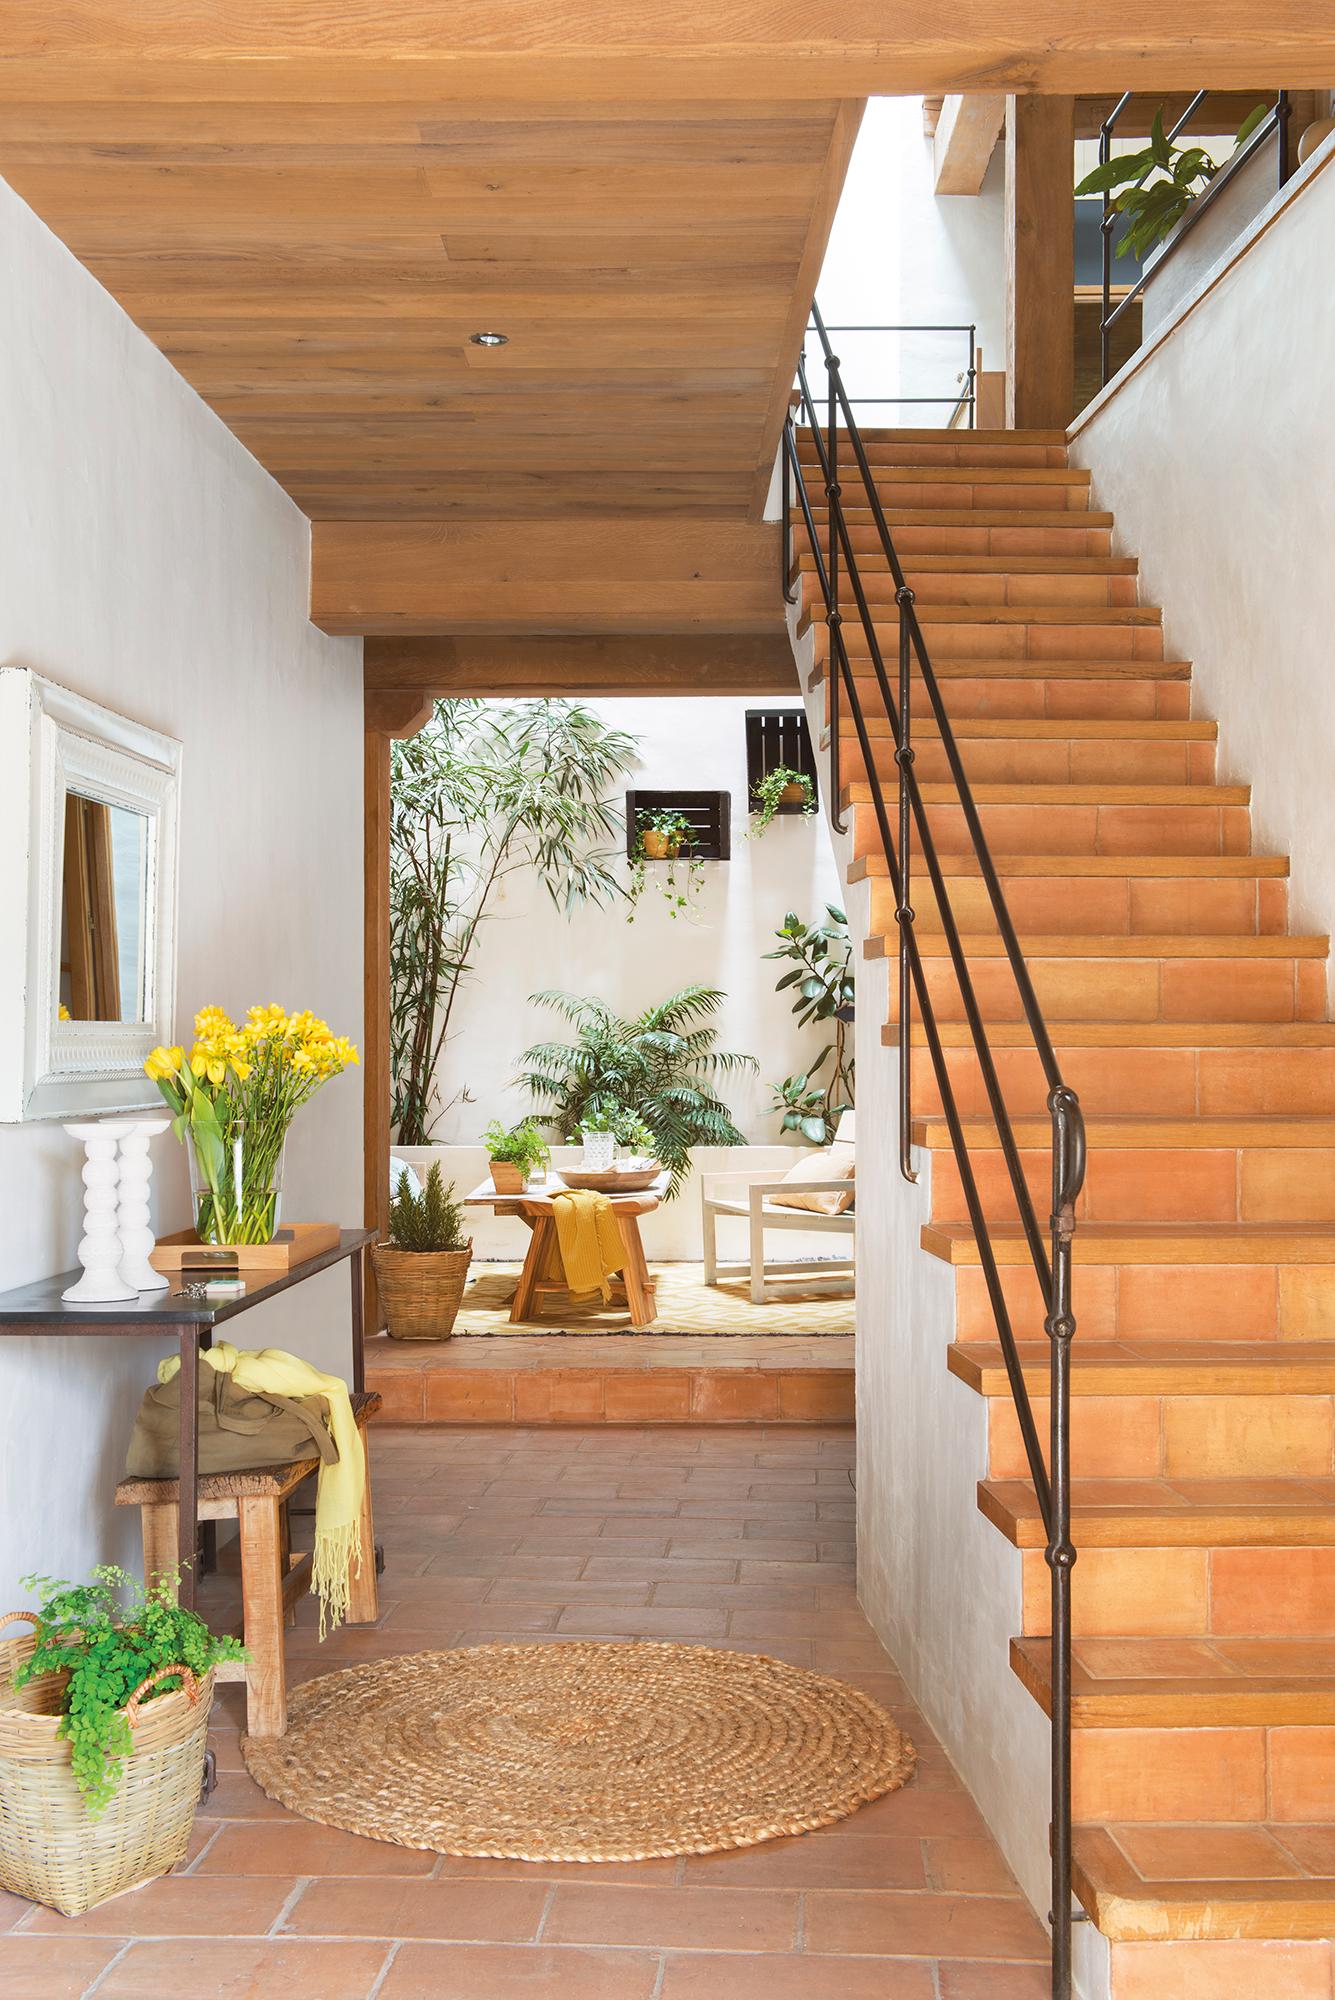 escaleras c mo planificarlas con acierto On escaleras para caminar fuera del jardin